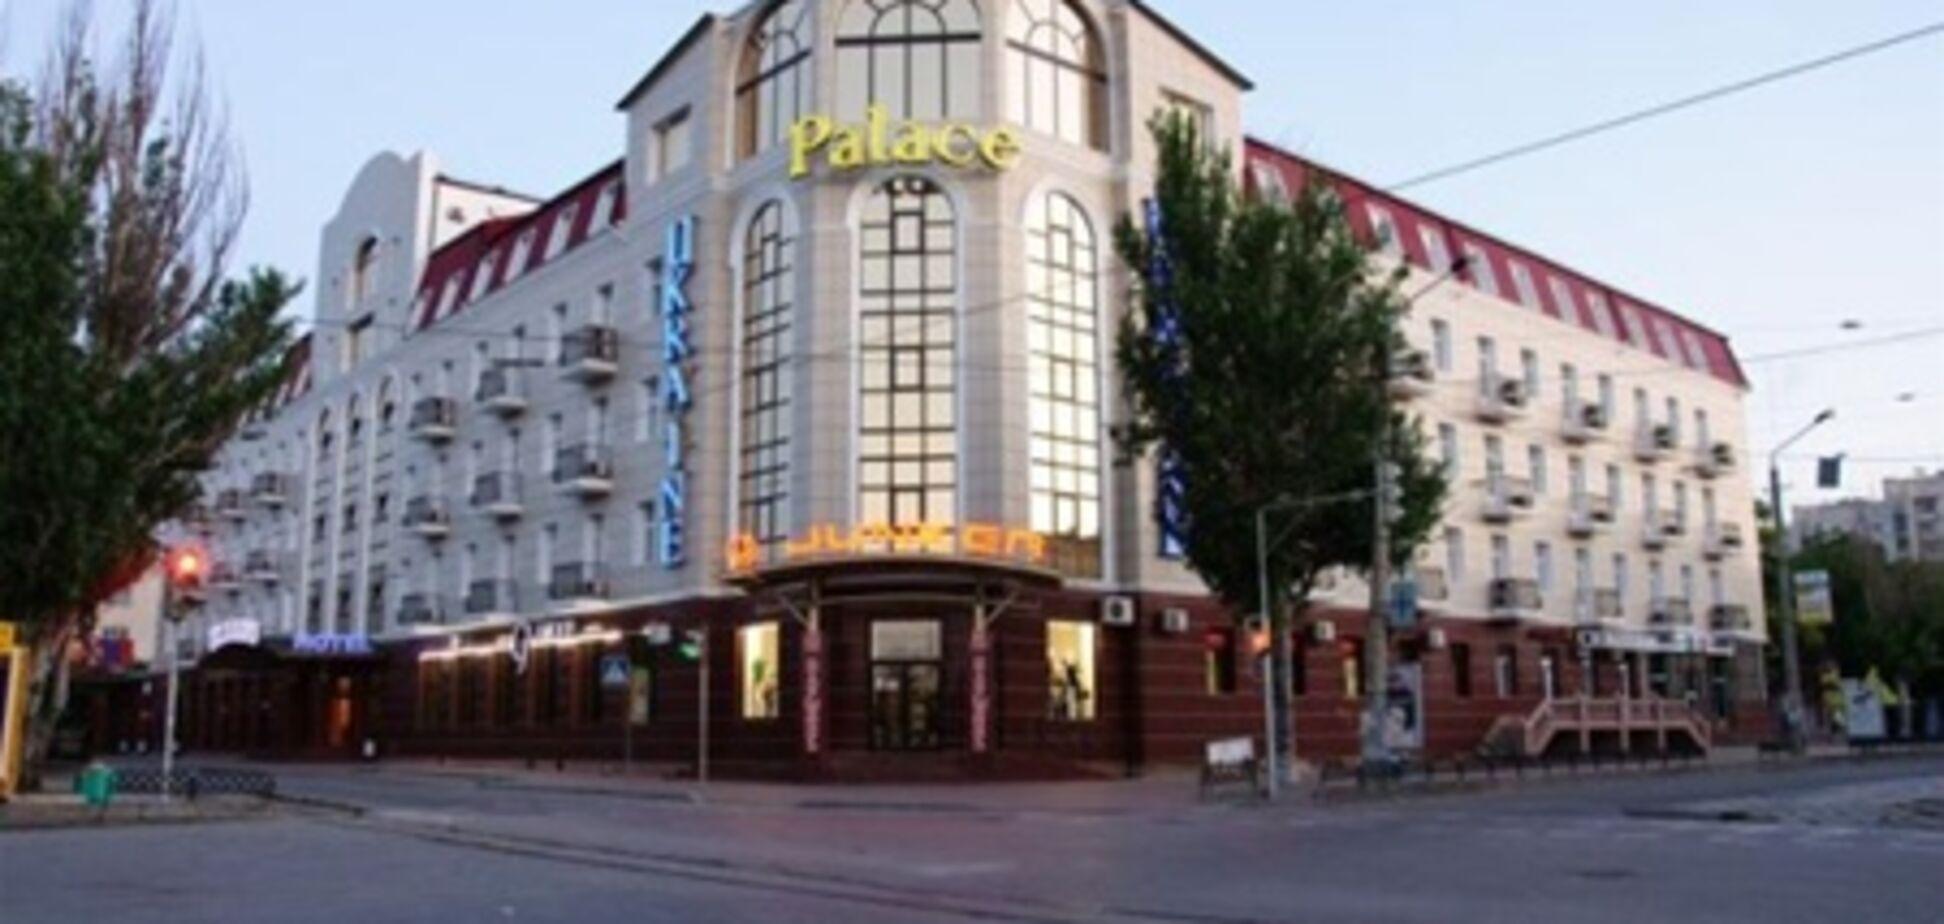 В Украине 7 сетевых отелей мирового уровня